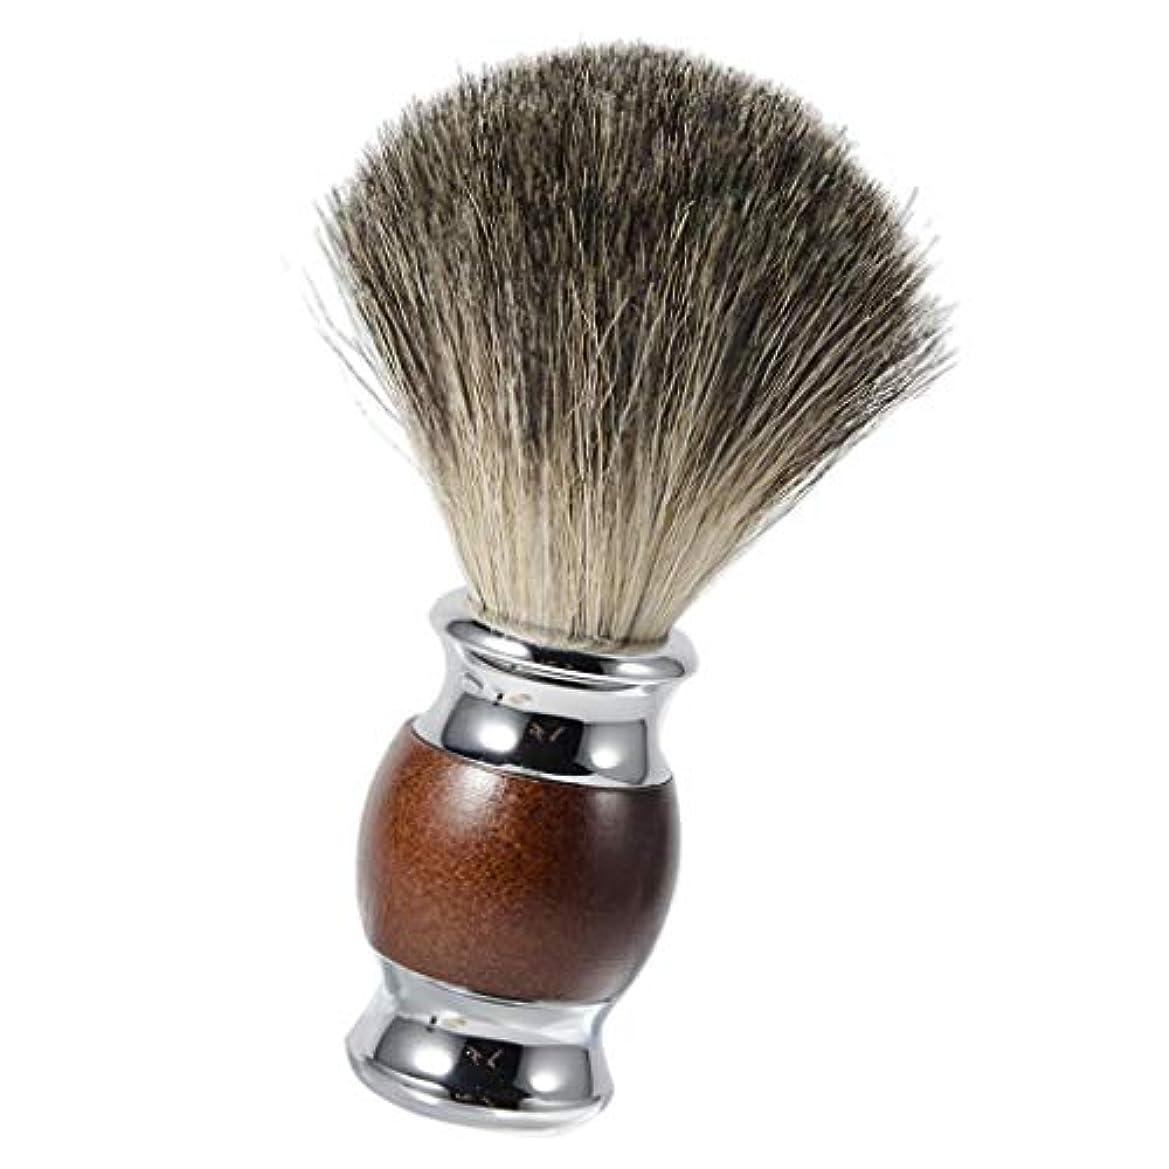 エゴイズム広告する組み合わせるsharprepublic メンズ用 髭剃り ブラシ シェービングブラシ 木製ハンドル 理容 洗顔 髭剃り ギフト